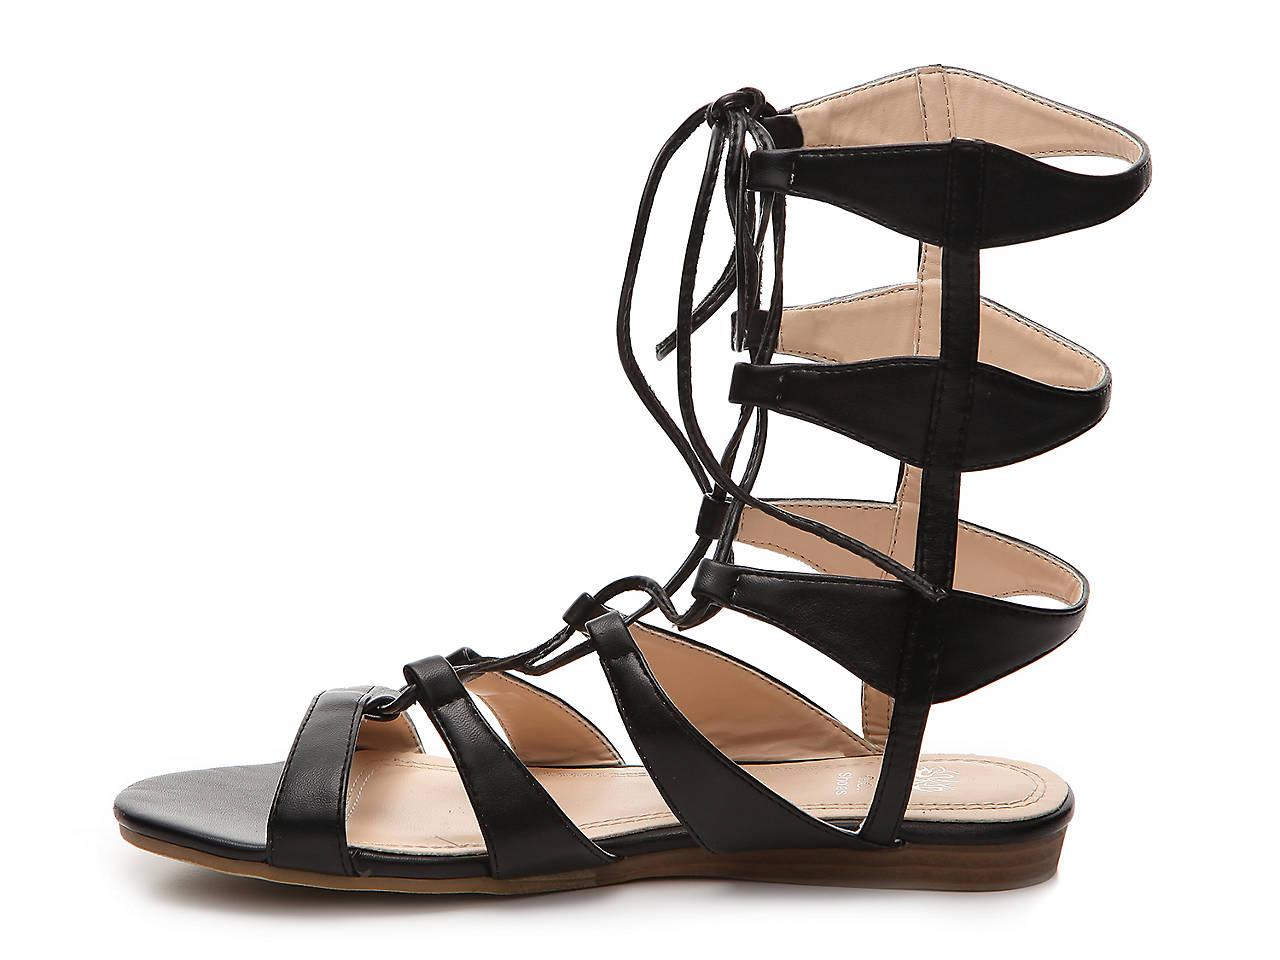 66d0fde4ba3 GC Shoes Amazon Gladiator Sandal Women s Shoes